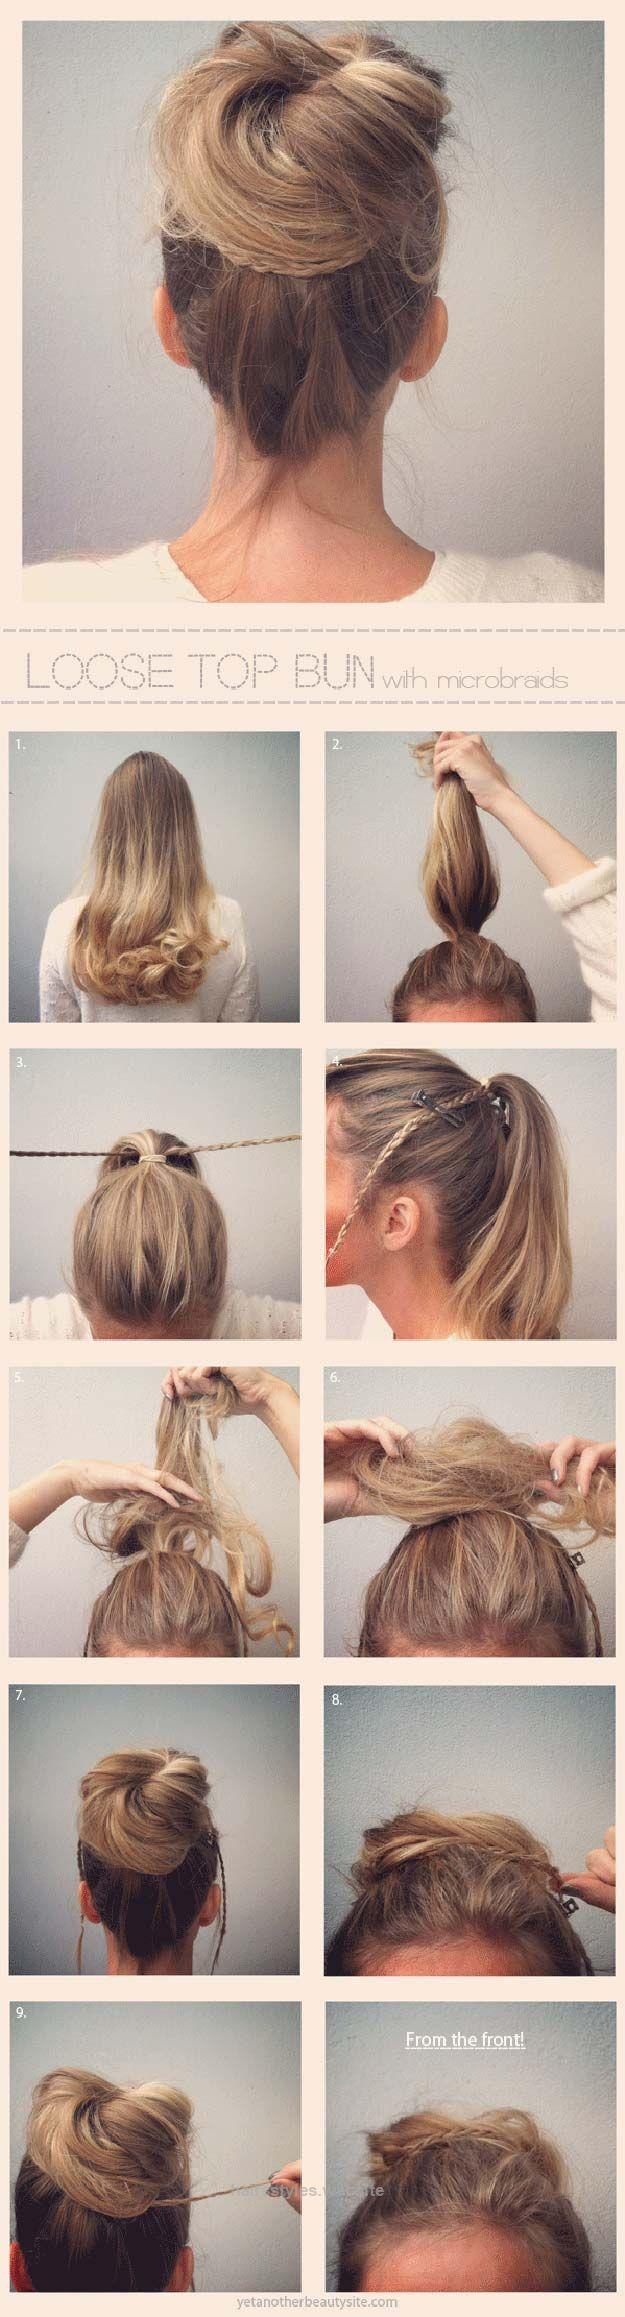 best peinados y minitutoriales images on pinterest